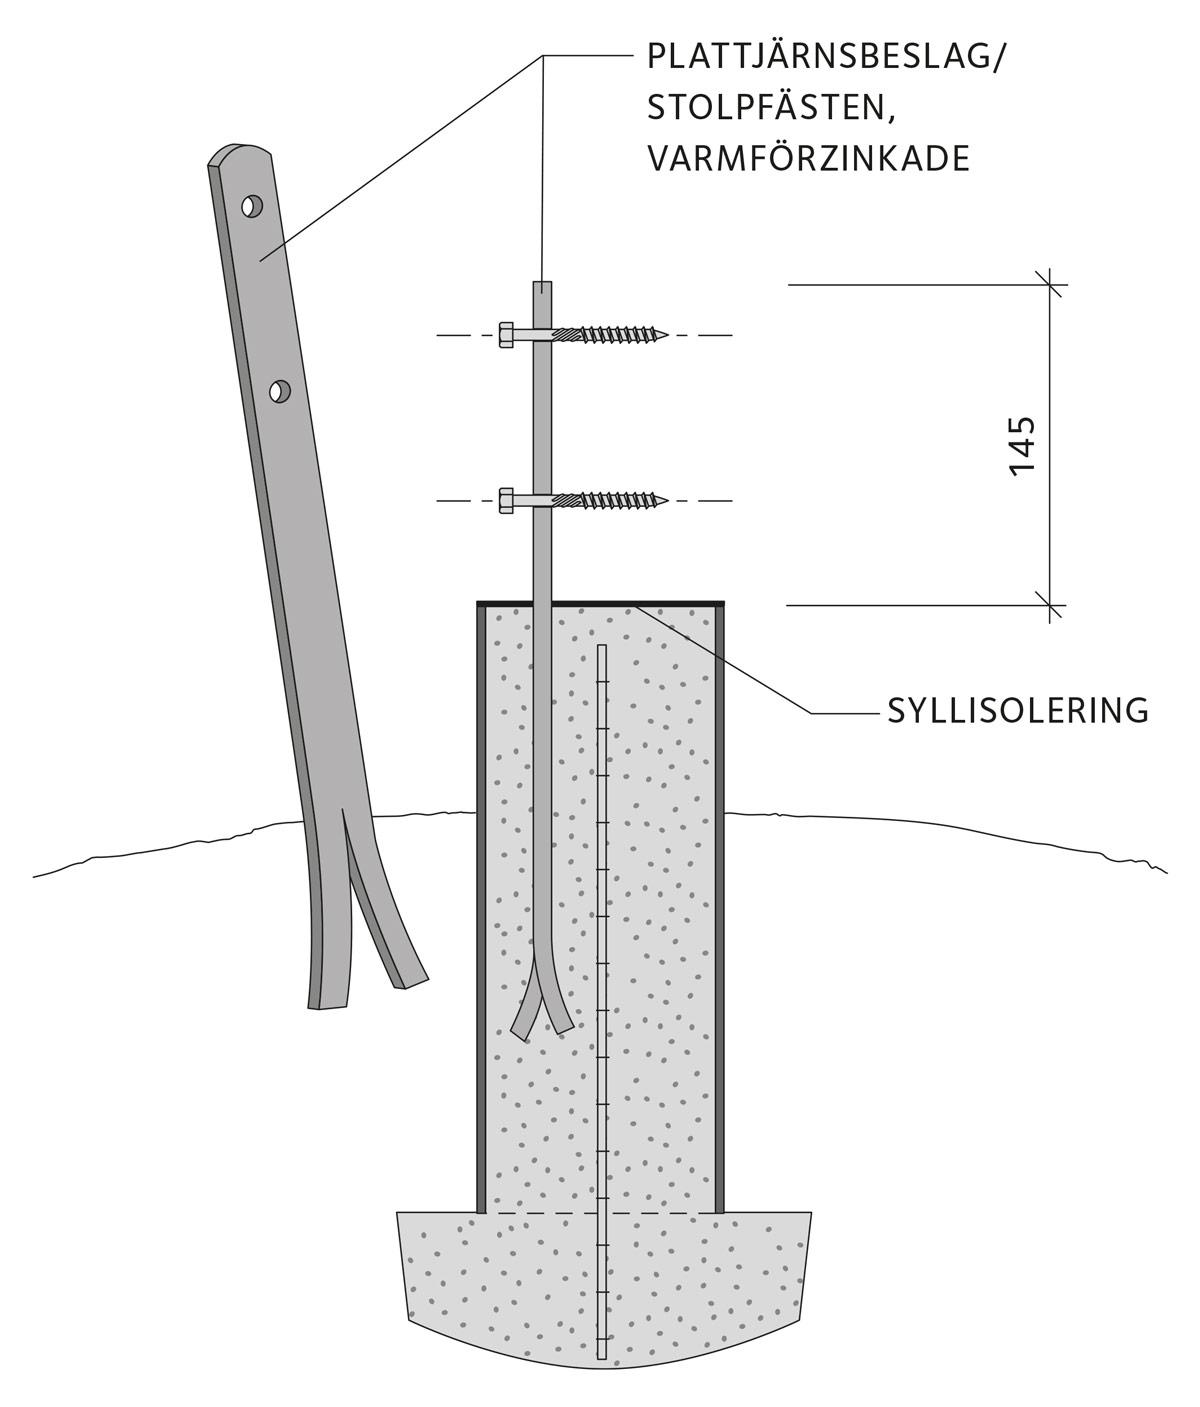 Förstukvist | Svenskt Trä - Byggbeskrivningar